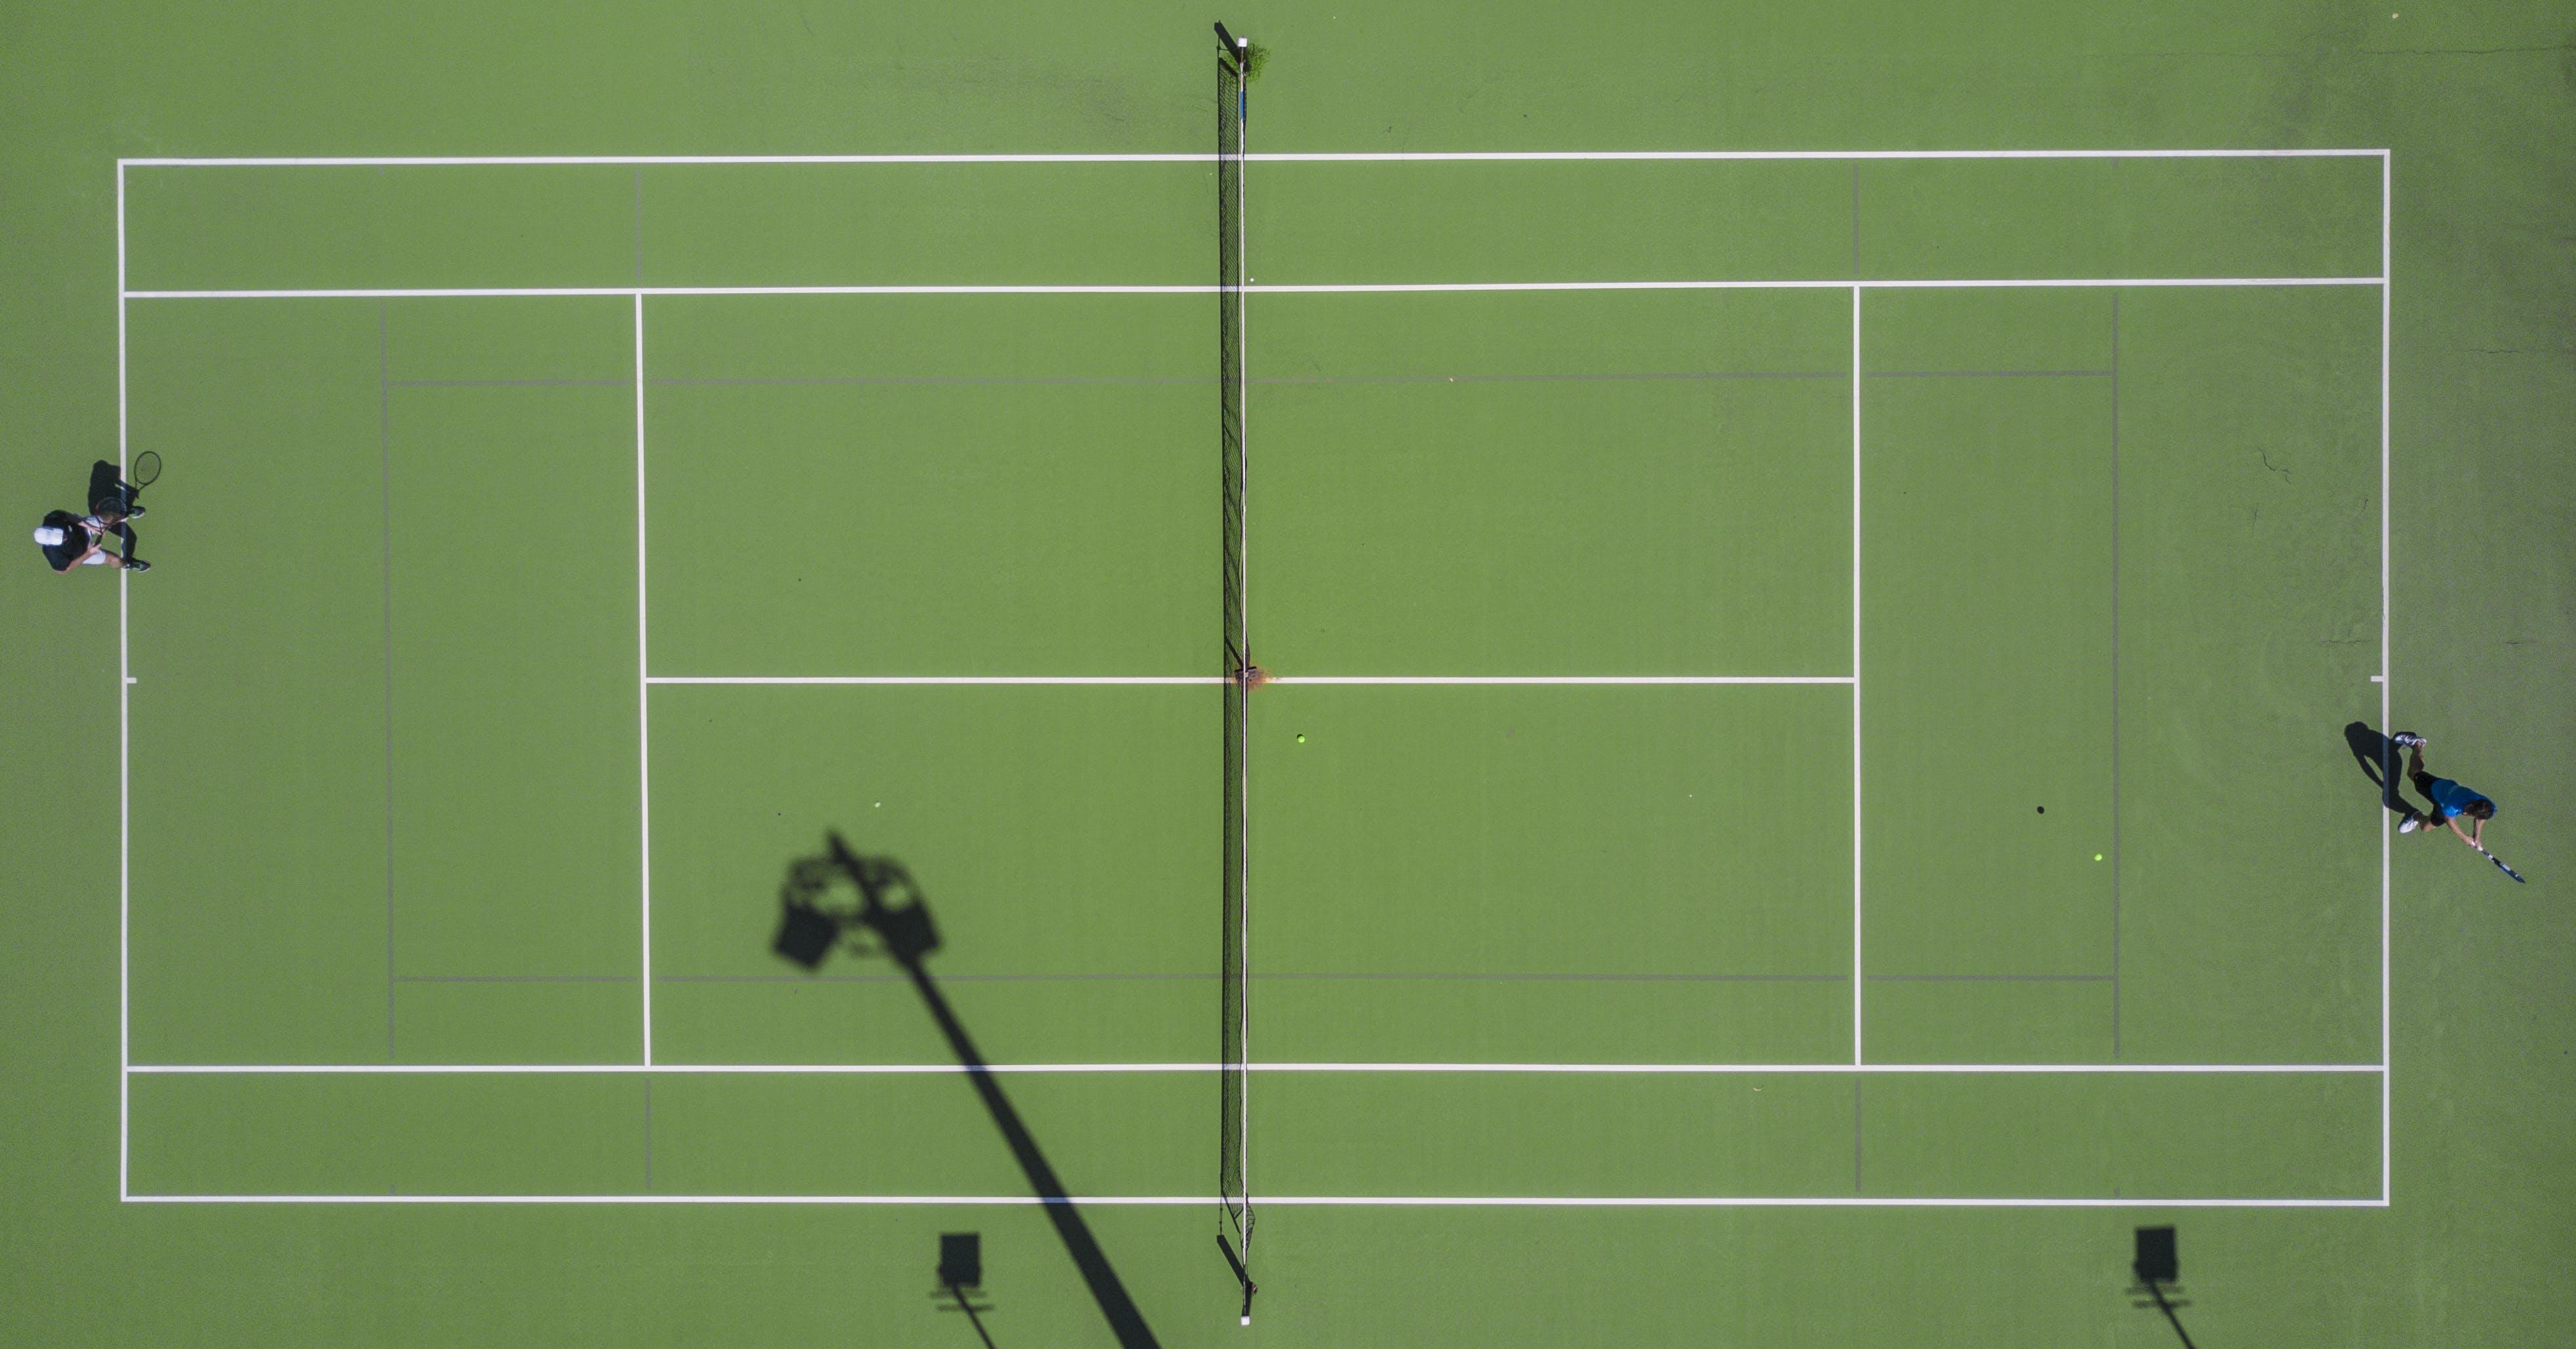 Gratis lagerfoto af atleter, droneoptagelse, gårdhave, grøn